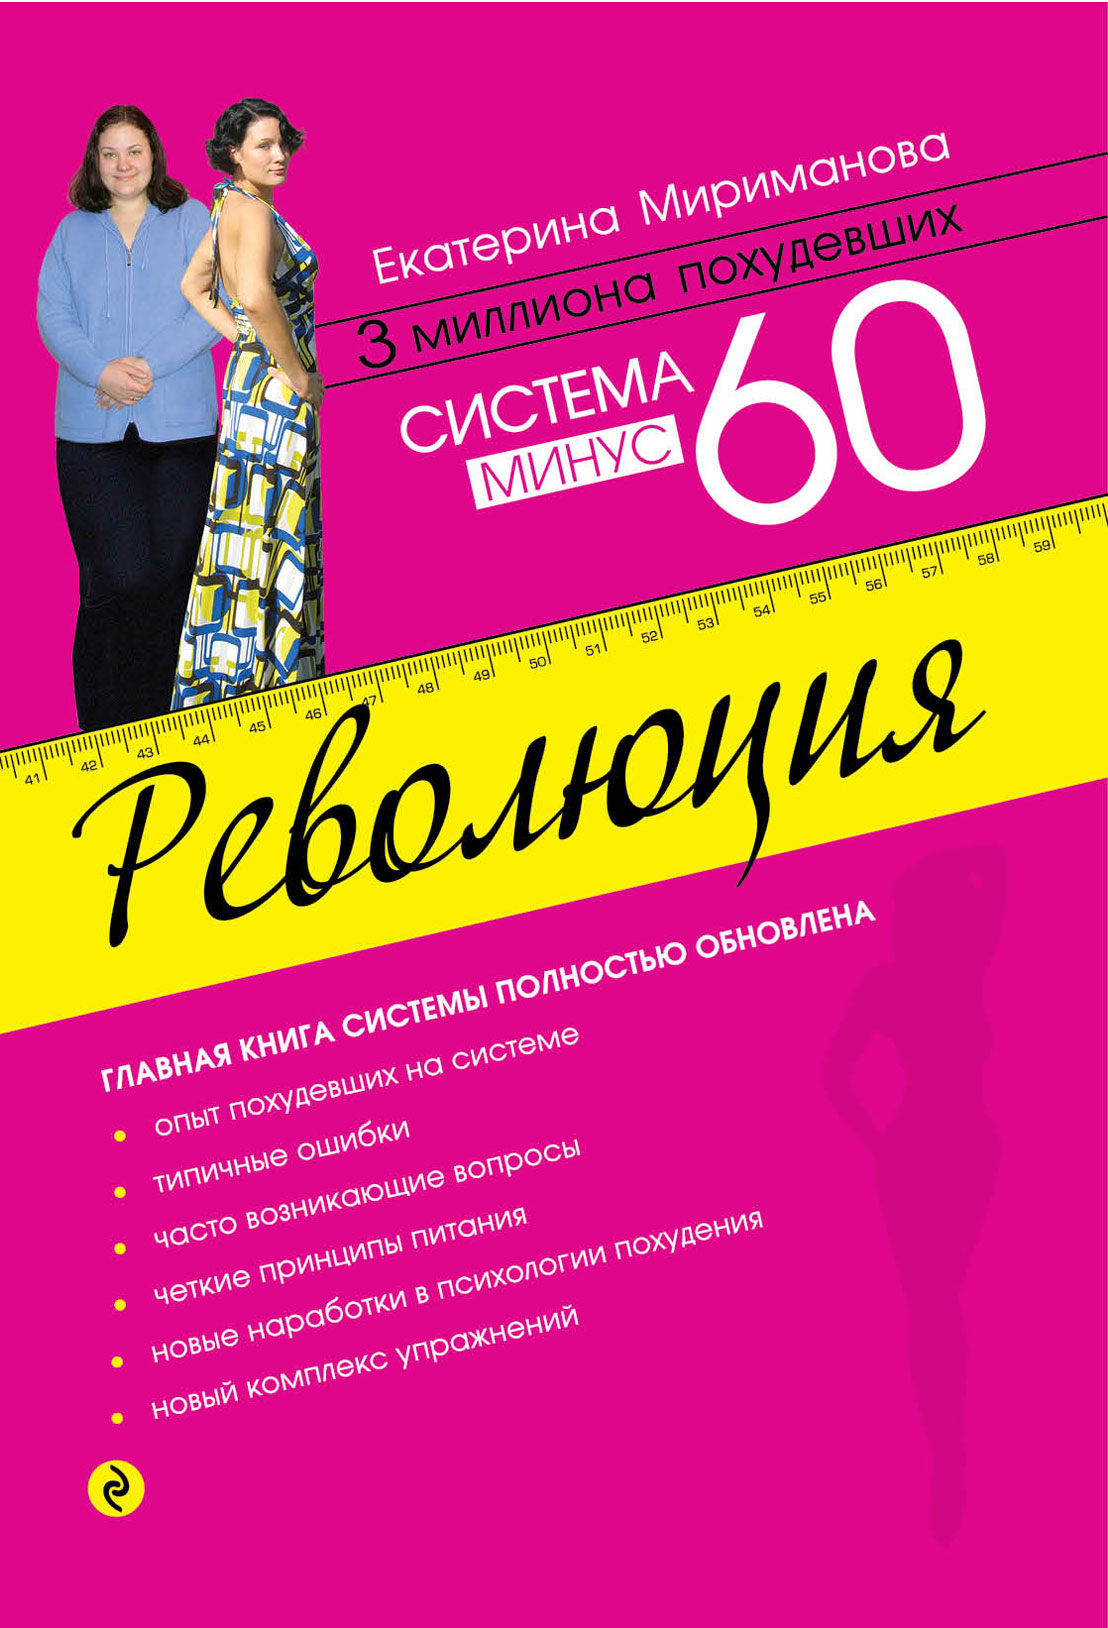 Система похудения 60 екатерина мириманова